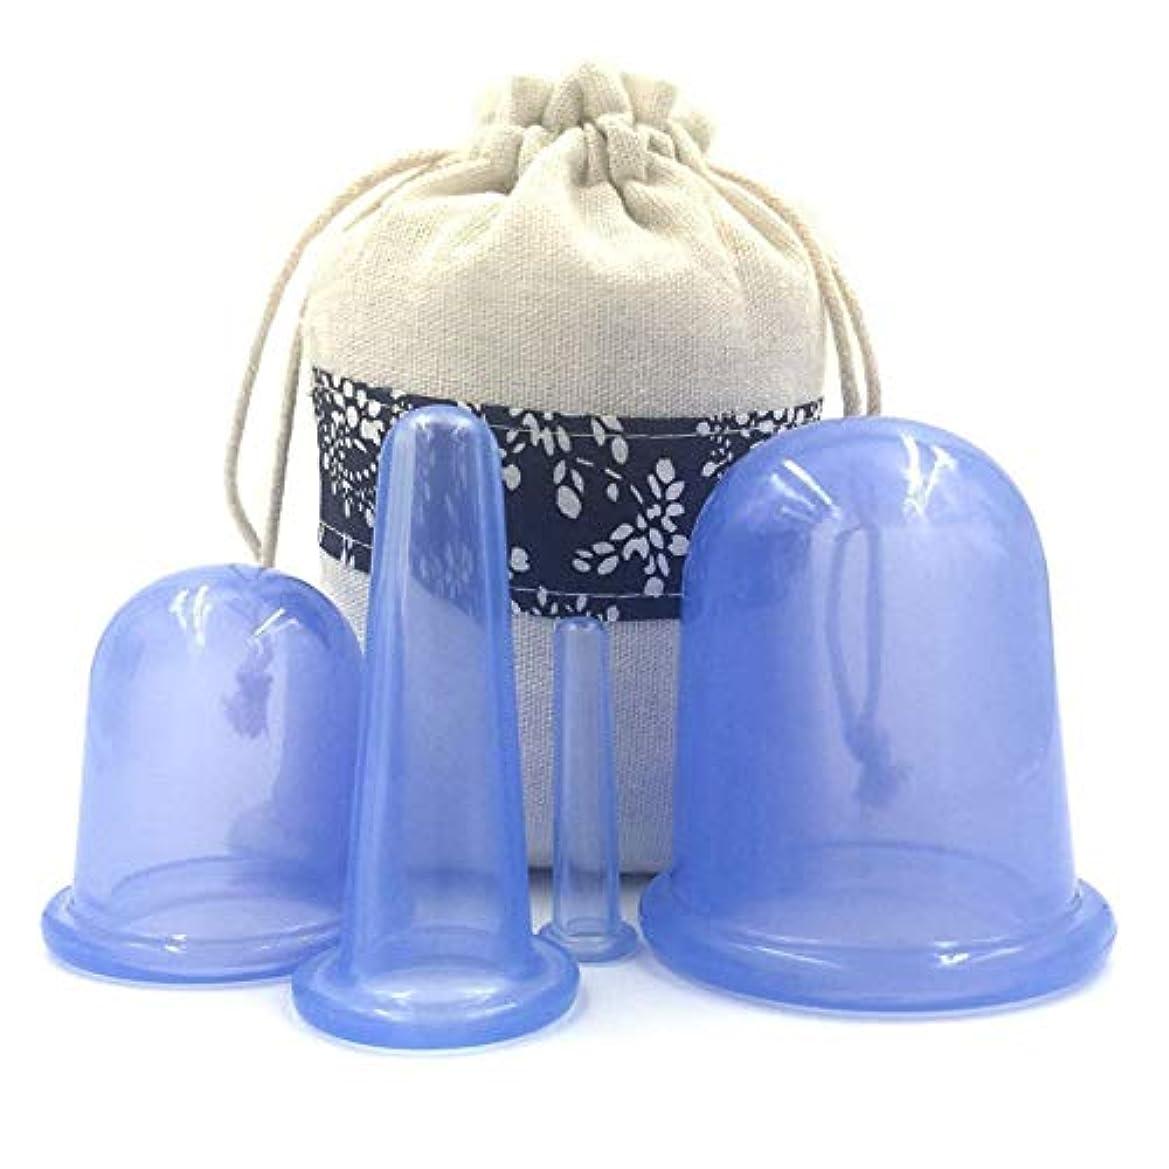 責め案件ストラップ治療 カッピングポンプ 吸引器-カッピング療法と筋肉痛の痛みの軽減のための4つのマッサージカップセルライトカッピング用のアンチセルライトマッサージカップ (Color : Clear)